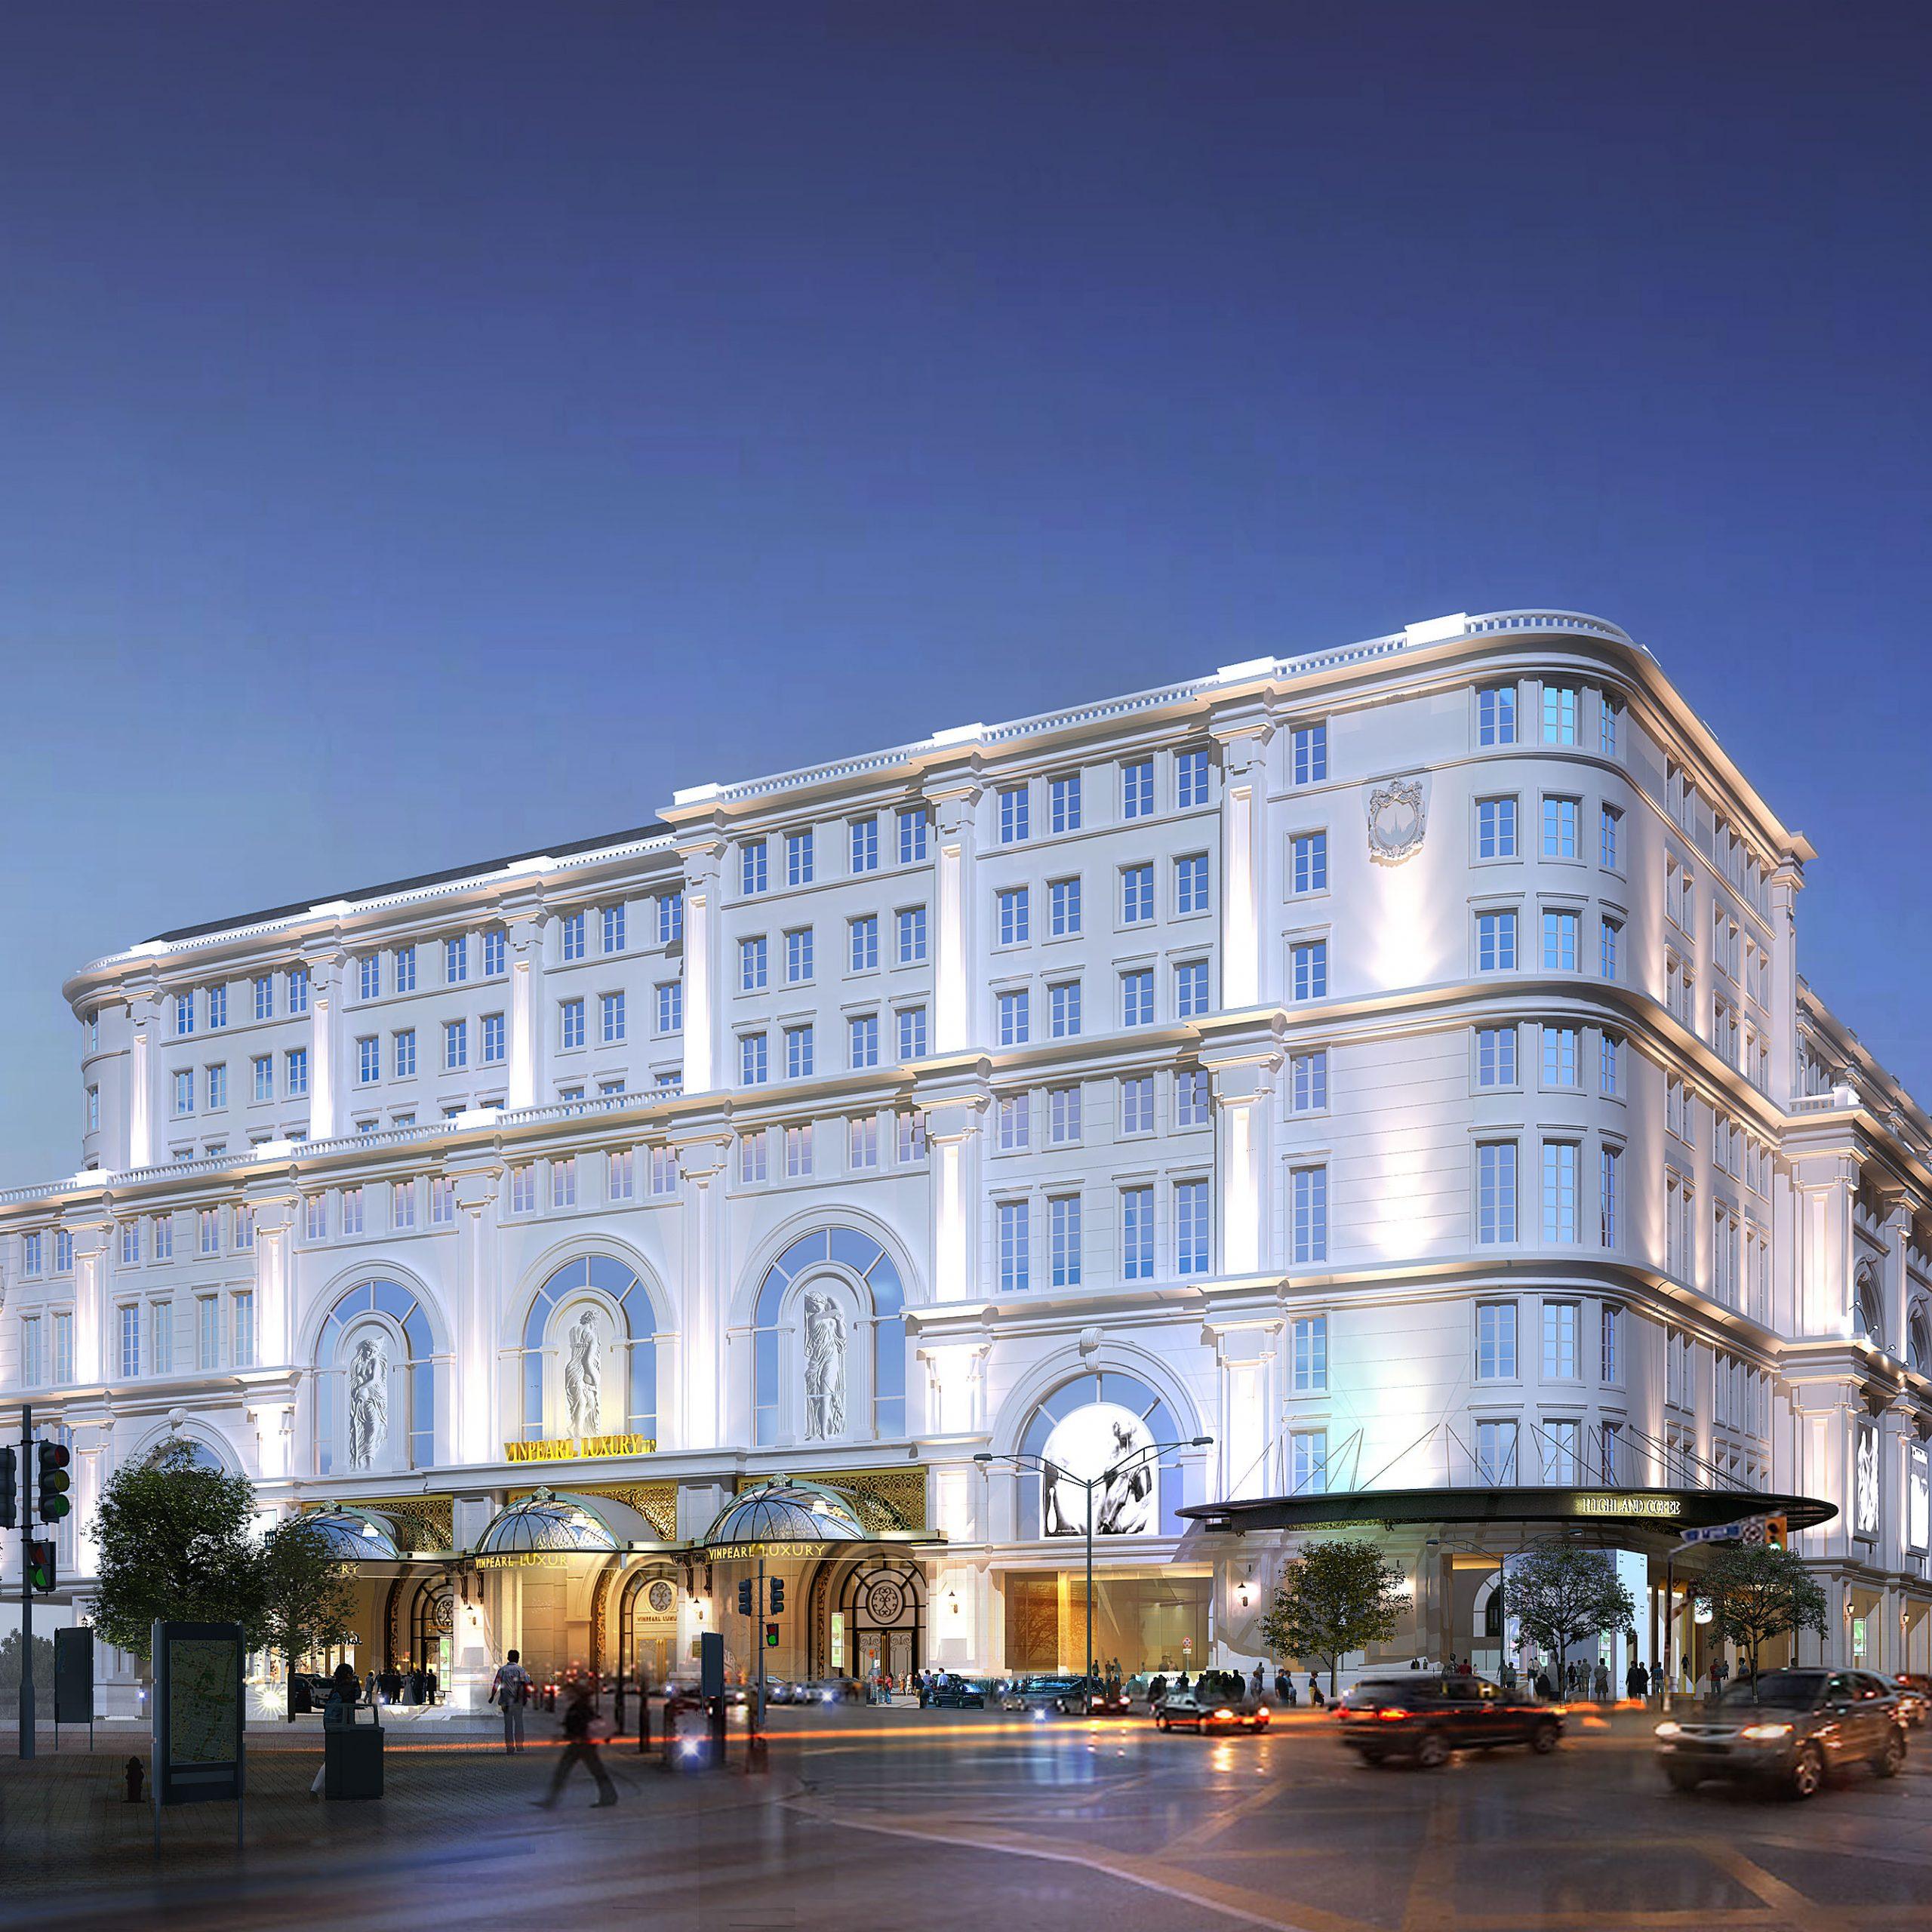 Mandarin Oriental Hotel Ho Chi Minh